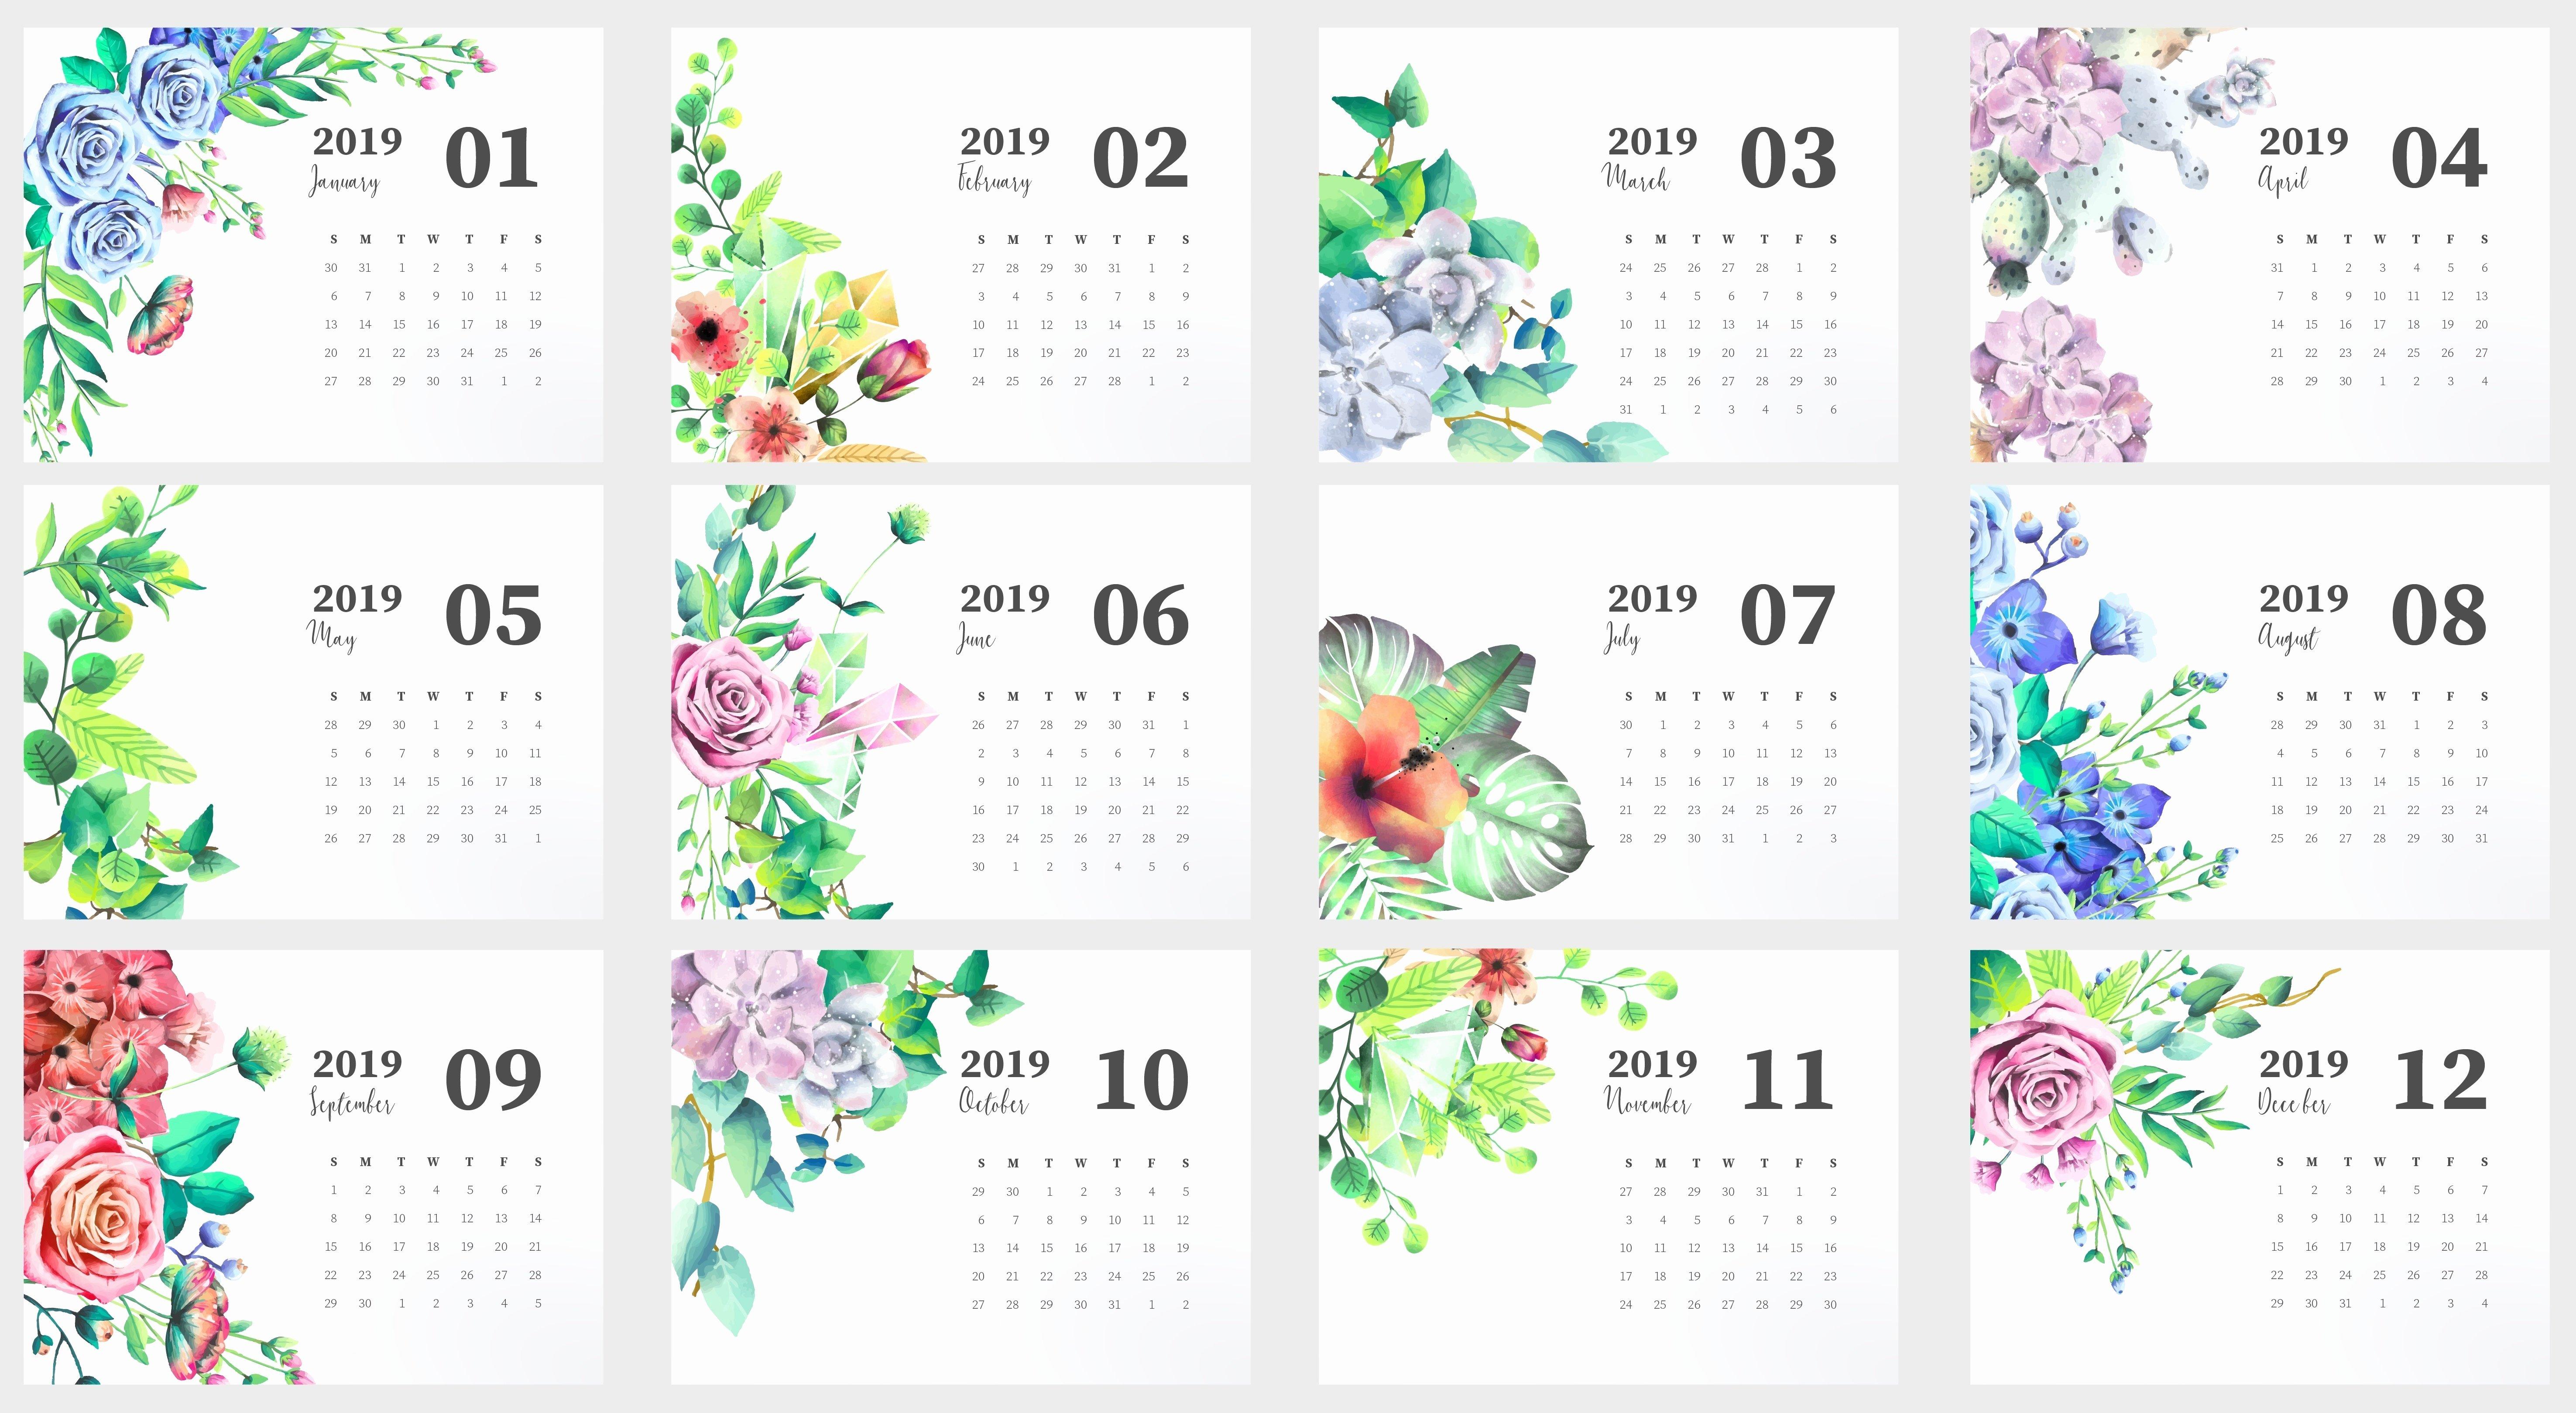 Cute Calendar Template 2019 Inspirational Cute 2019 Monthly Calendar